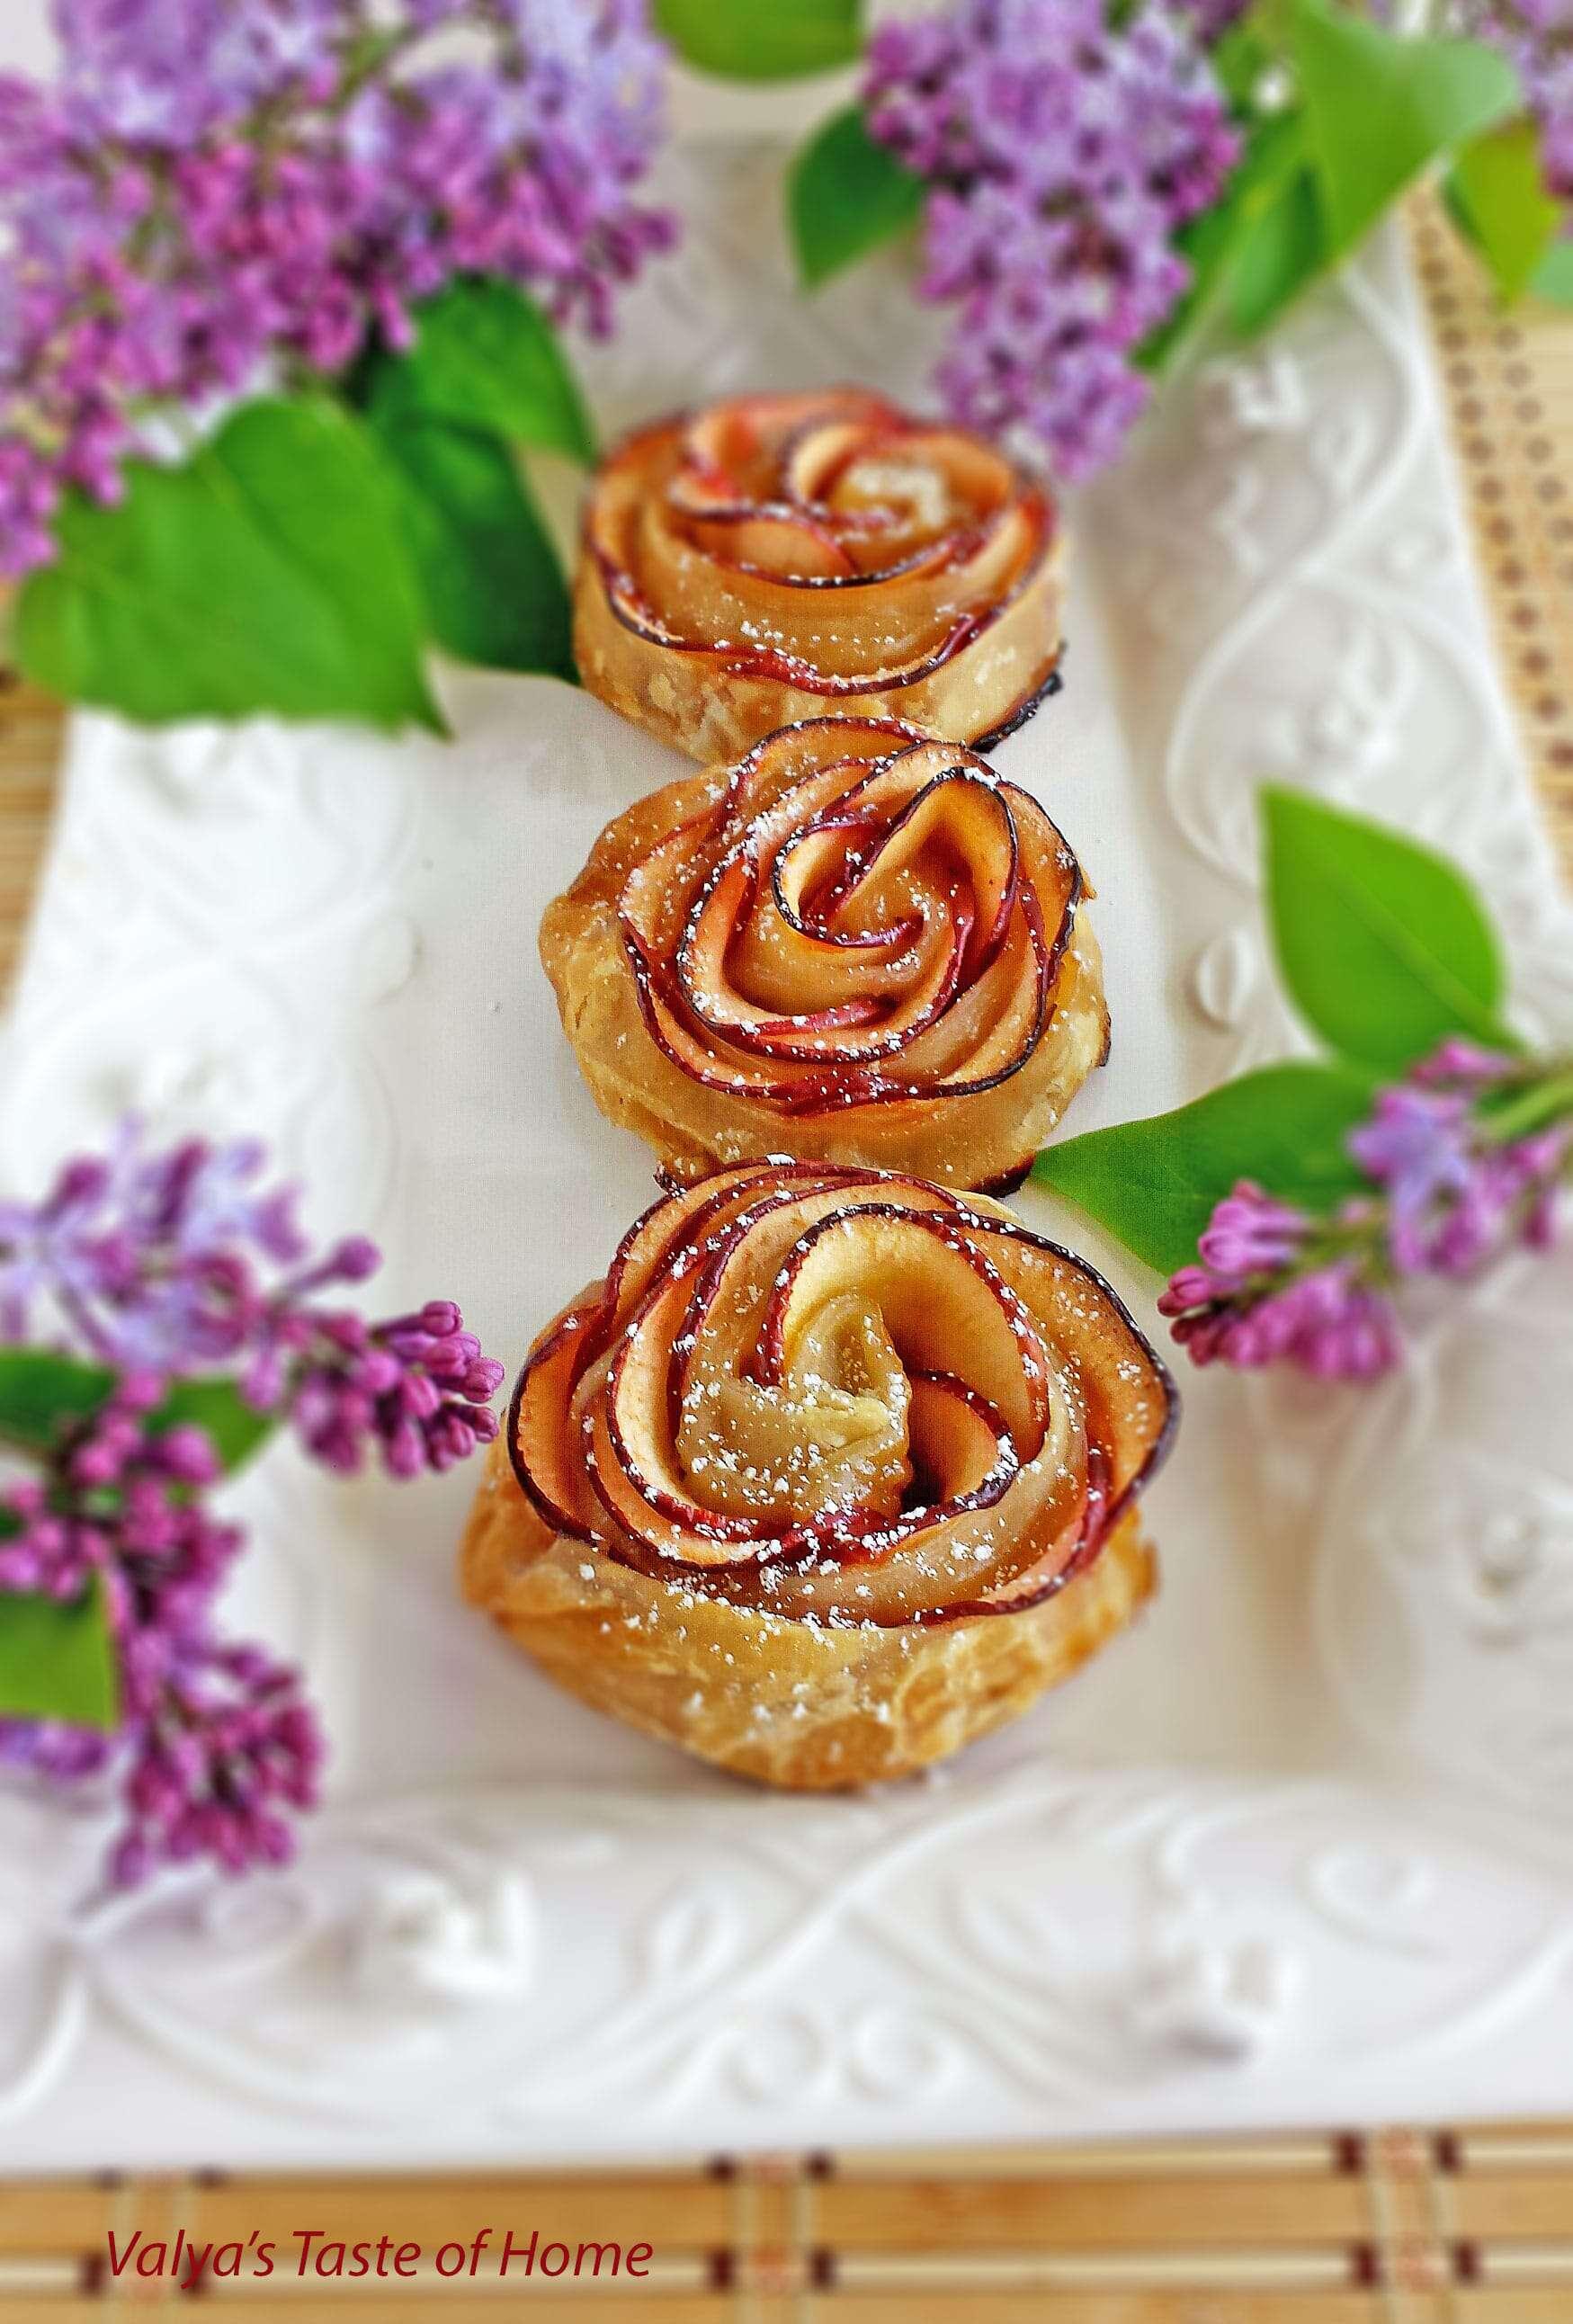 Apple Roses Dessert Recipe - Valya's Taste of Home